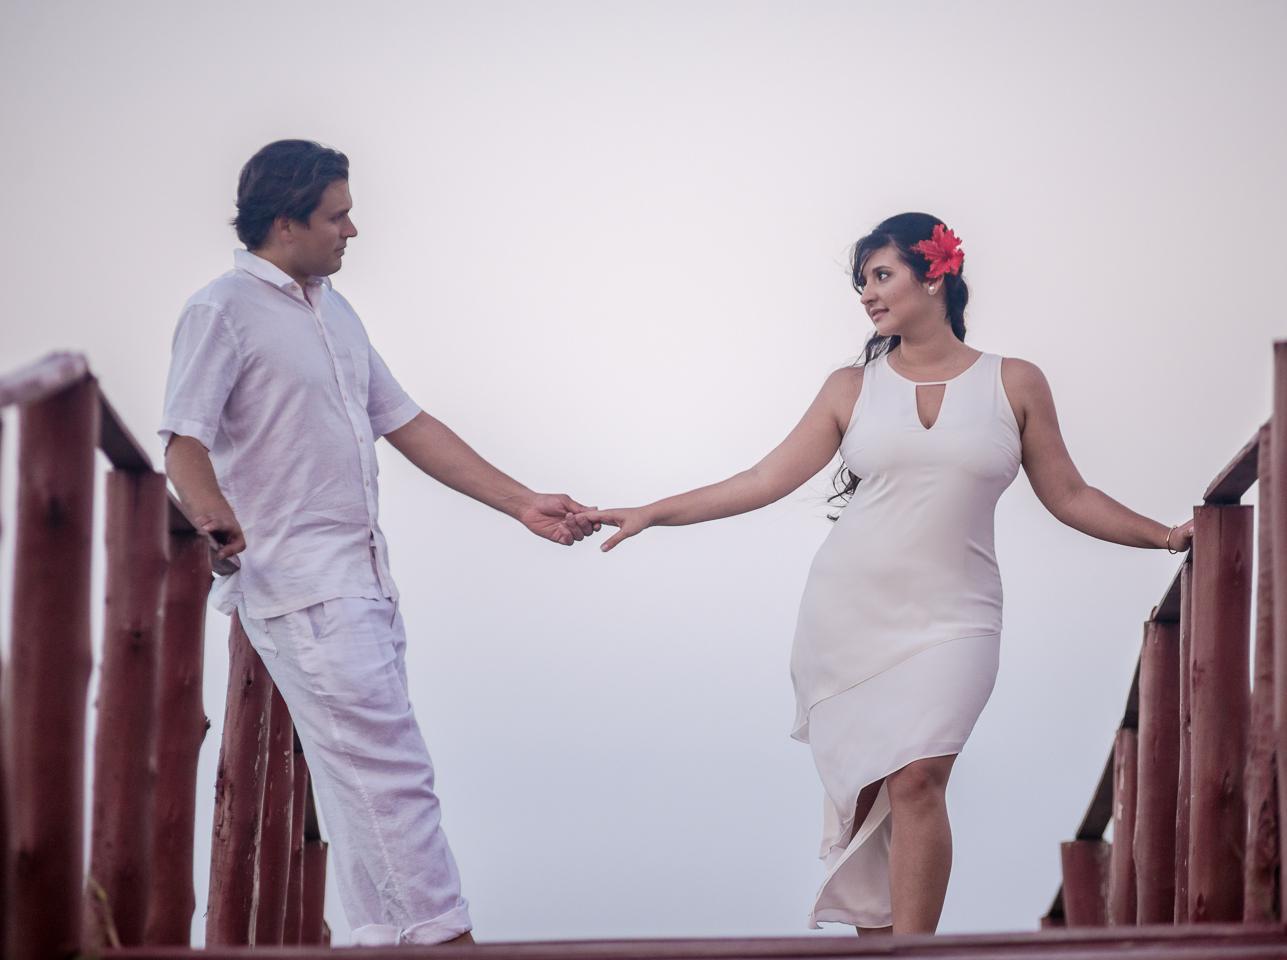 bodas-estilo-libre-sin-tema-cuba-13341.jpg